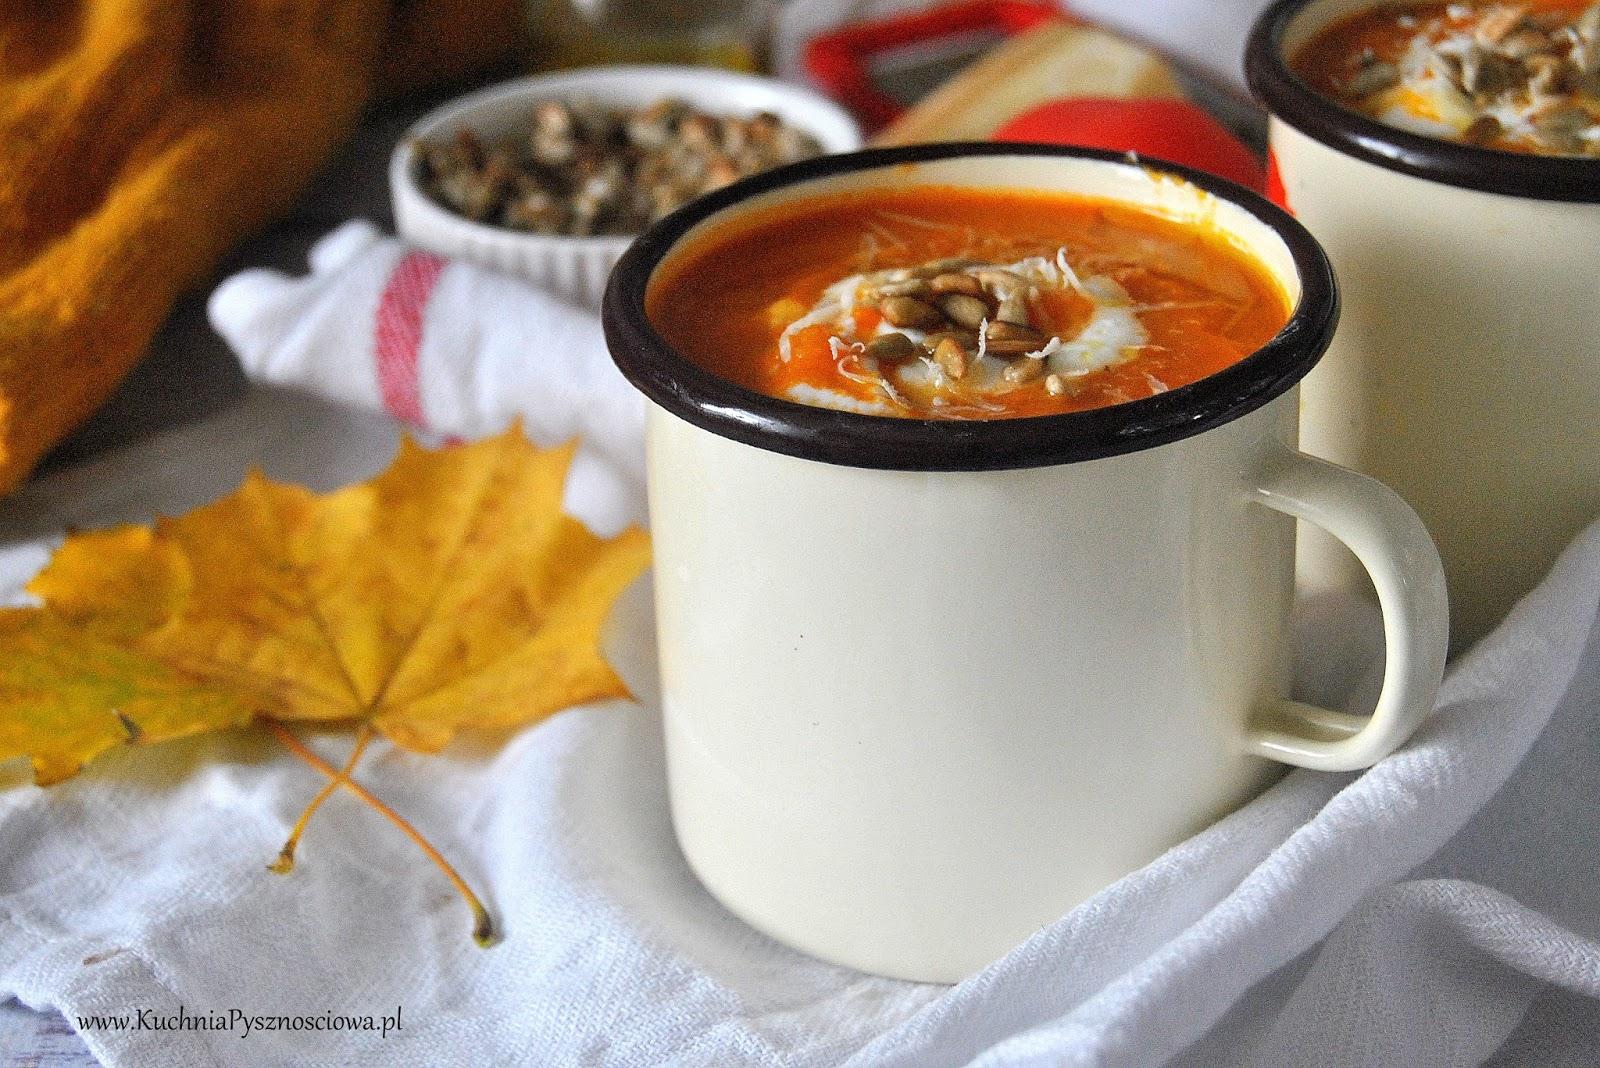 557. Zupa krem z pieczonych pomidorów i batatów